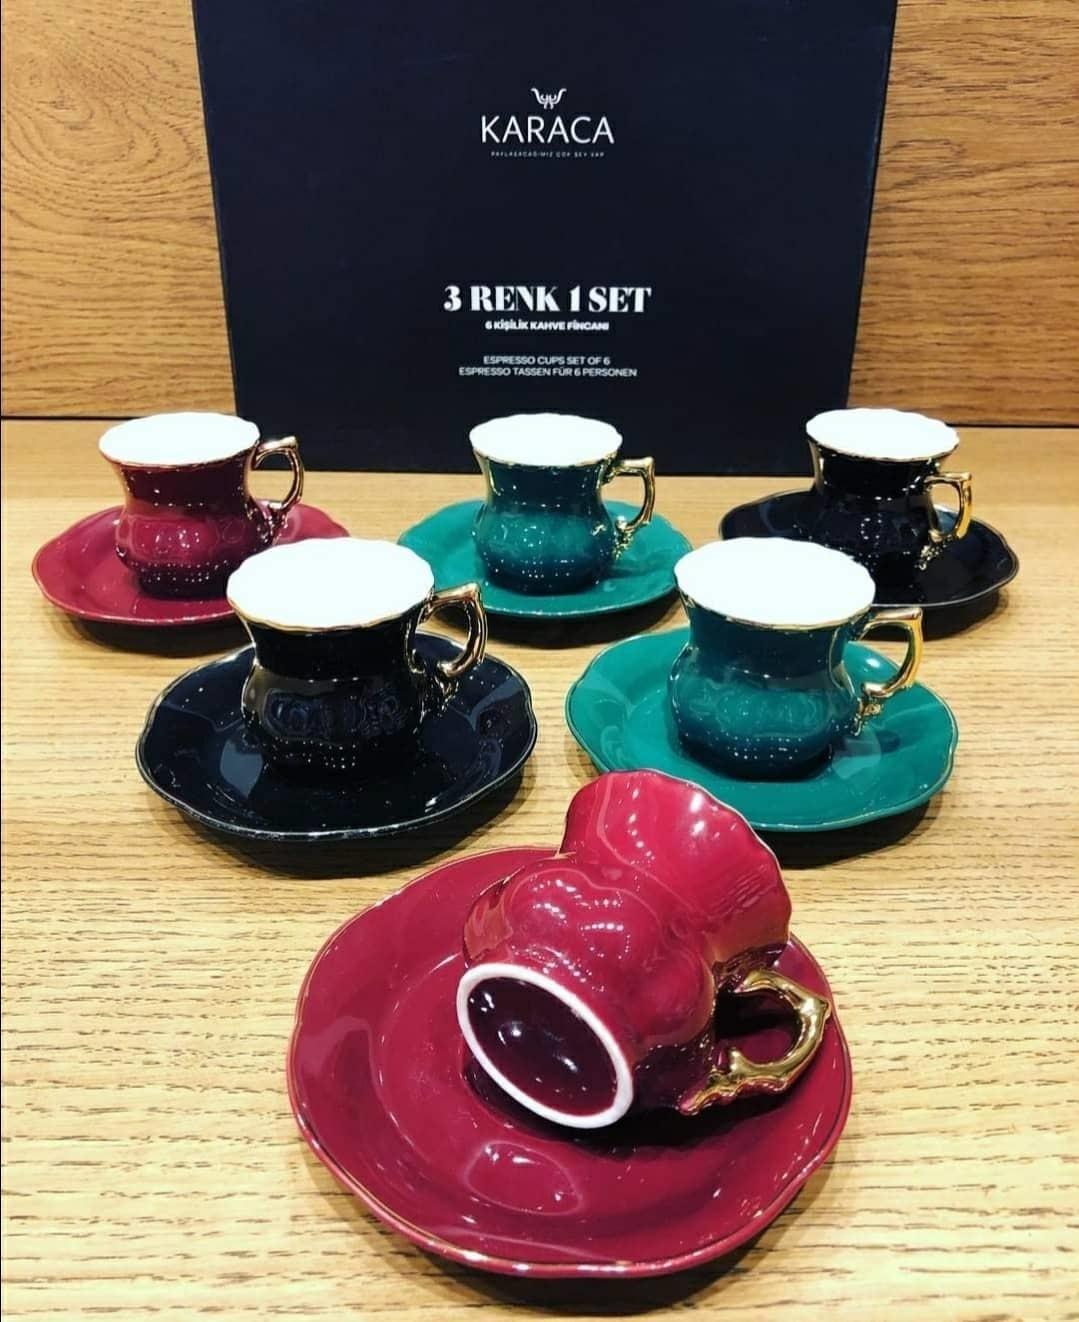 3 renk 1 set Karaca 6 Kişilik Kahve Fincanı